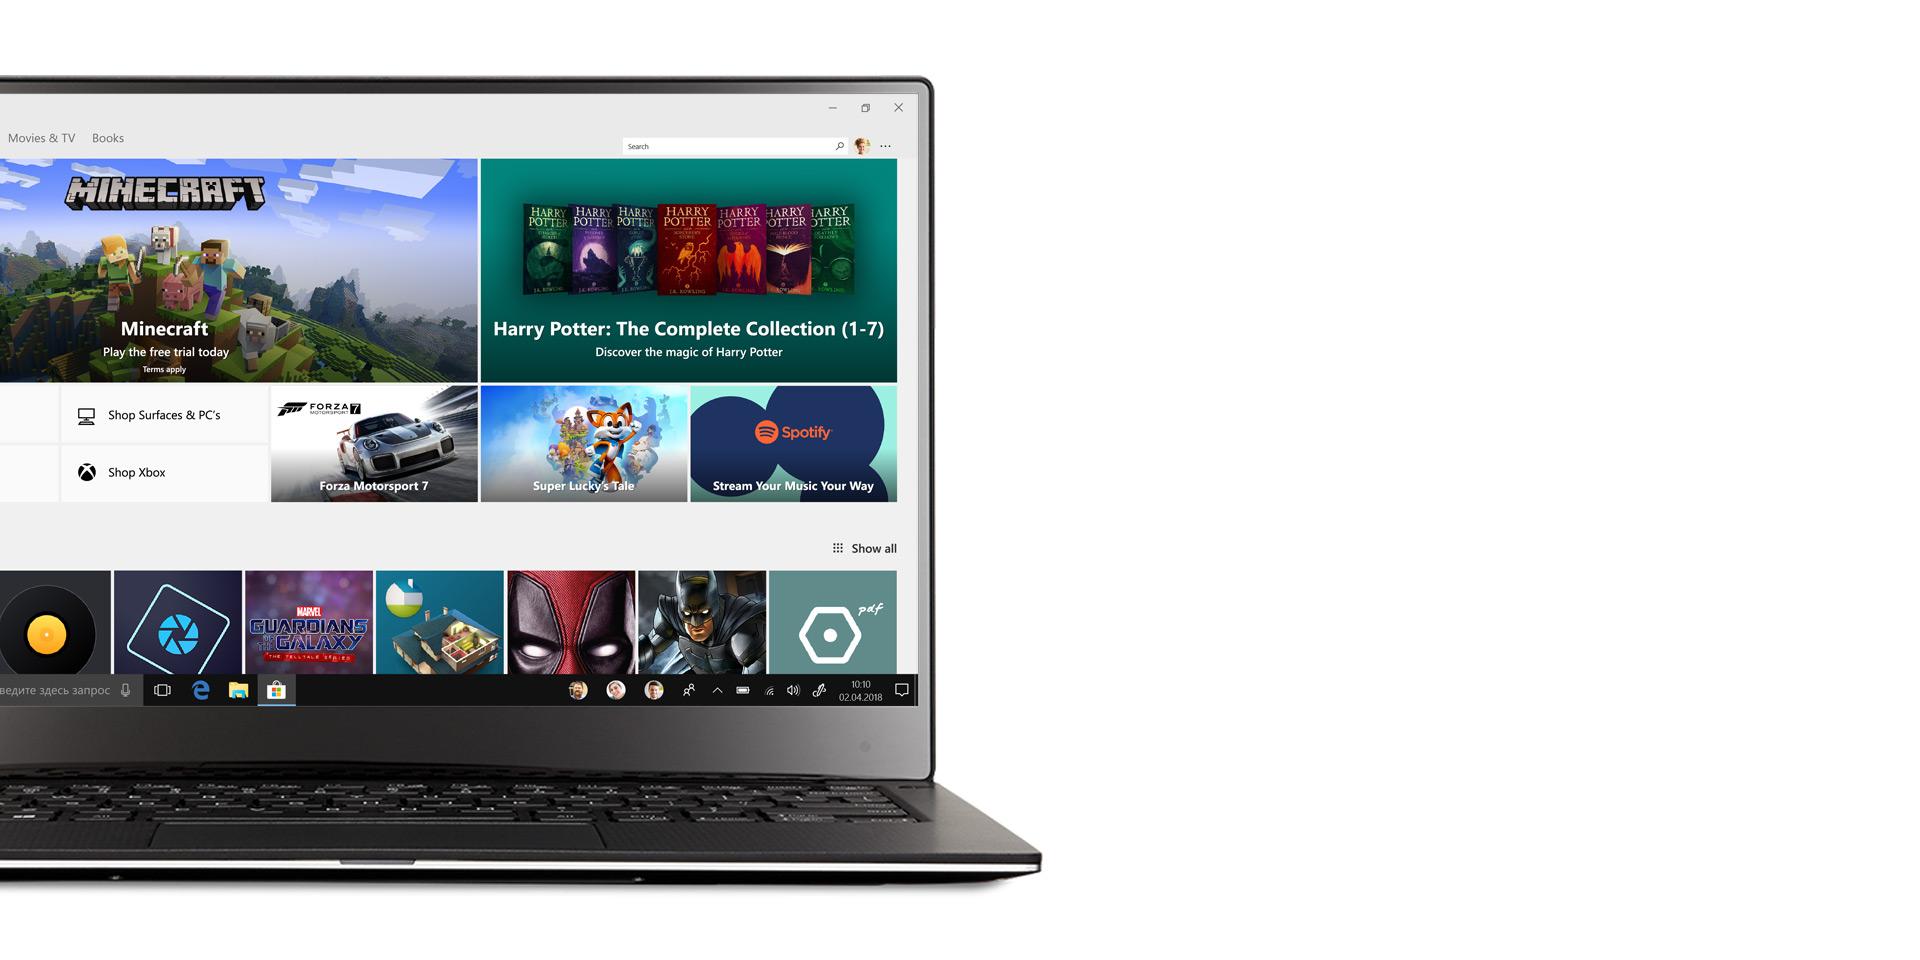 Ноутбук с магазином Microsoft Store на экране